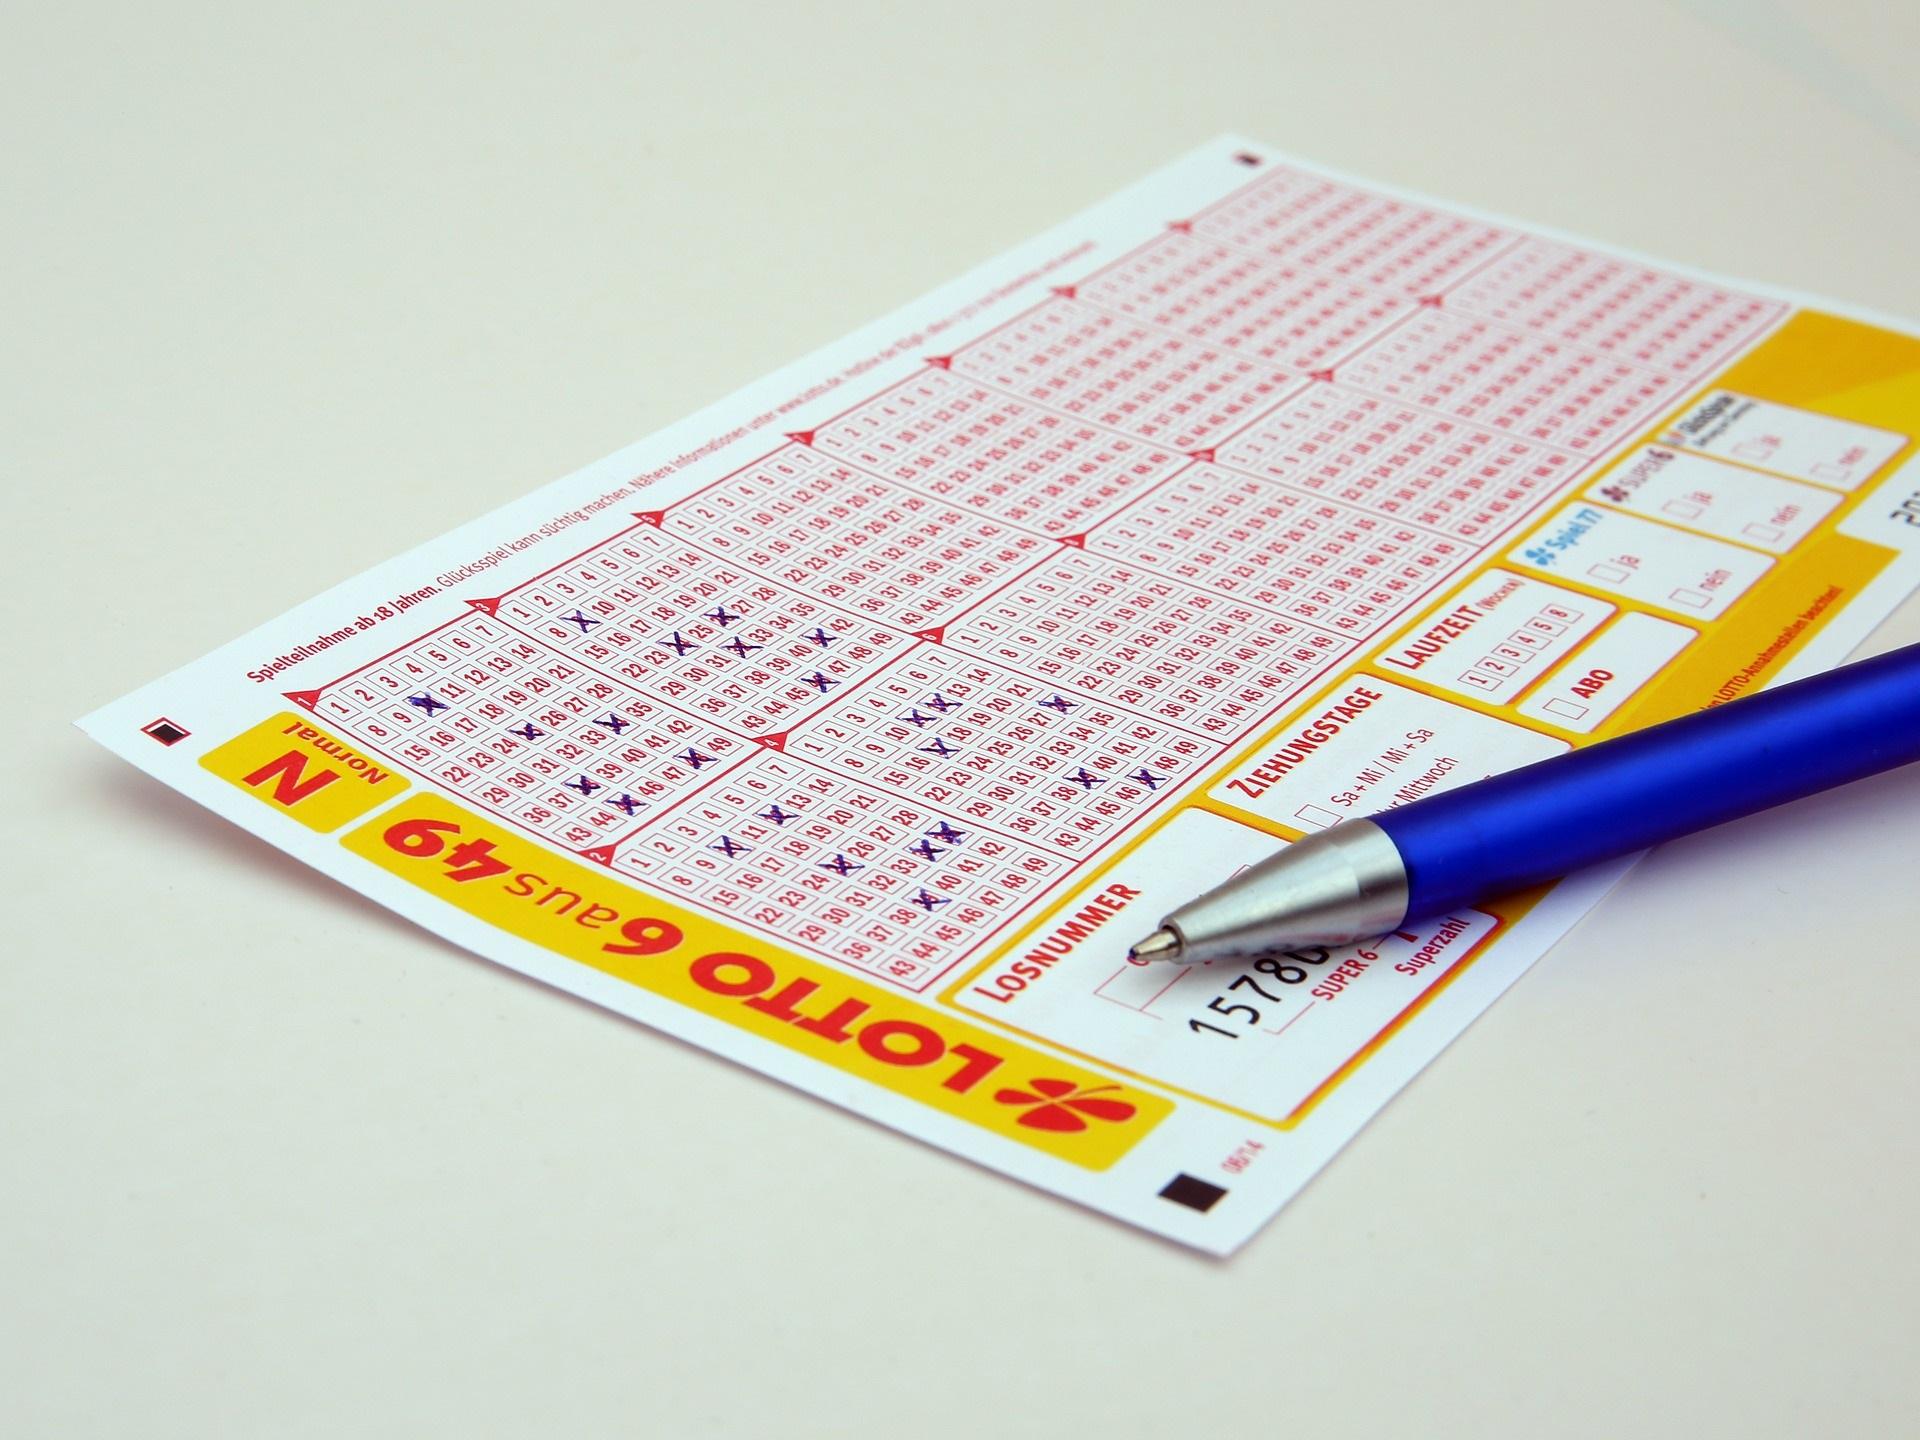 Lottoschein zu spät abgegeben